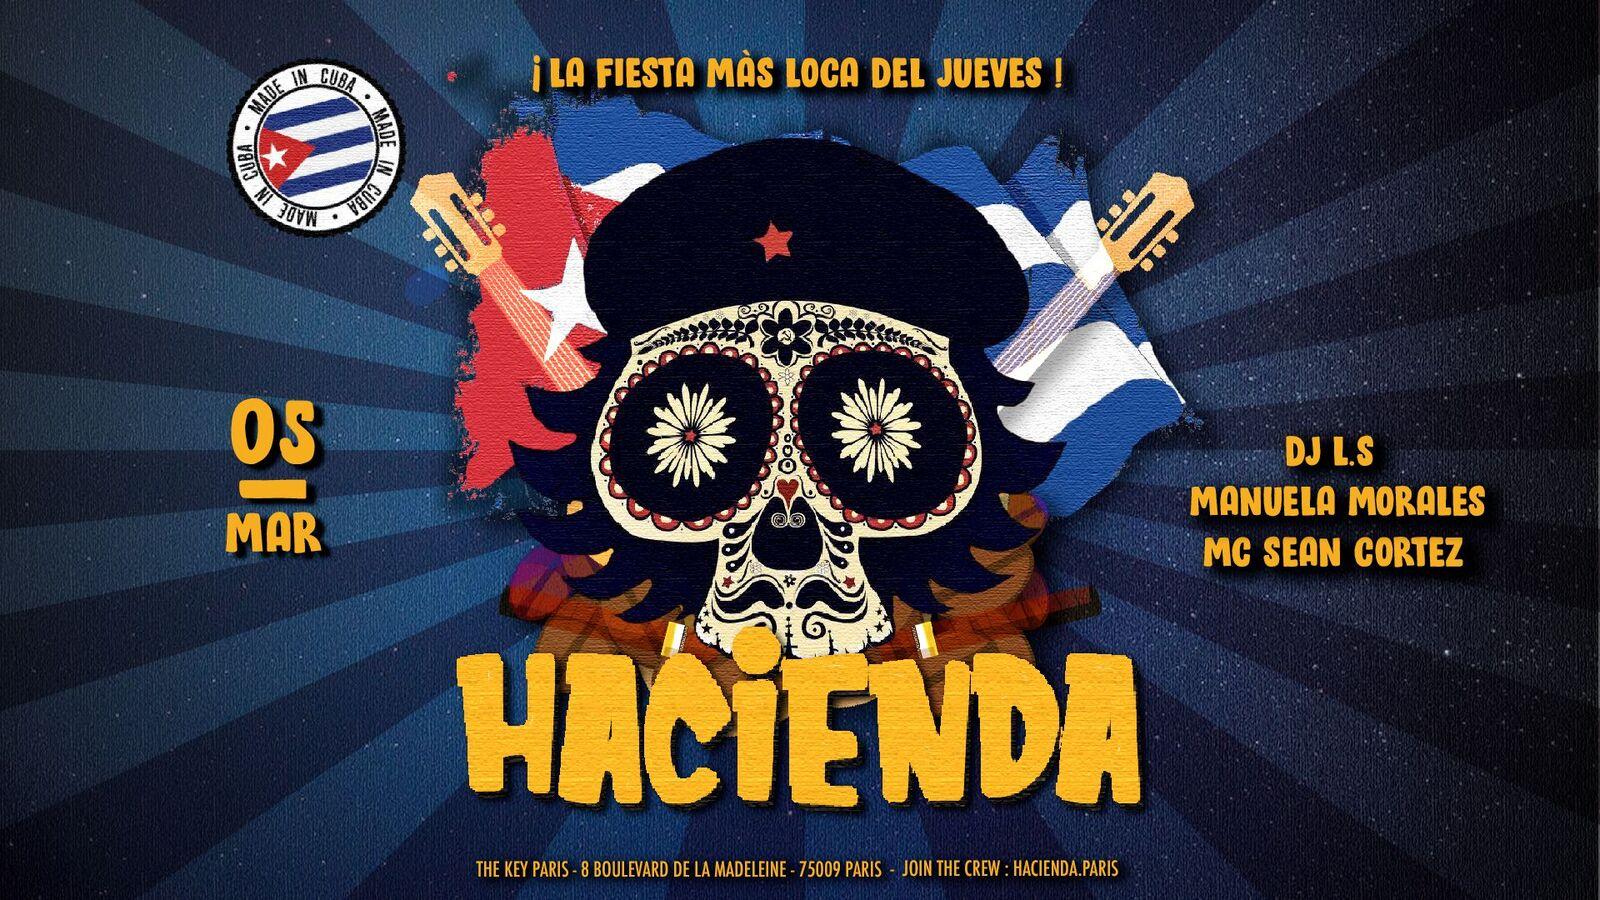 Hacienda ᚕ Edición Cuba ᚕ Jueves 5 de Marzo